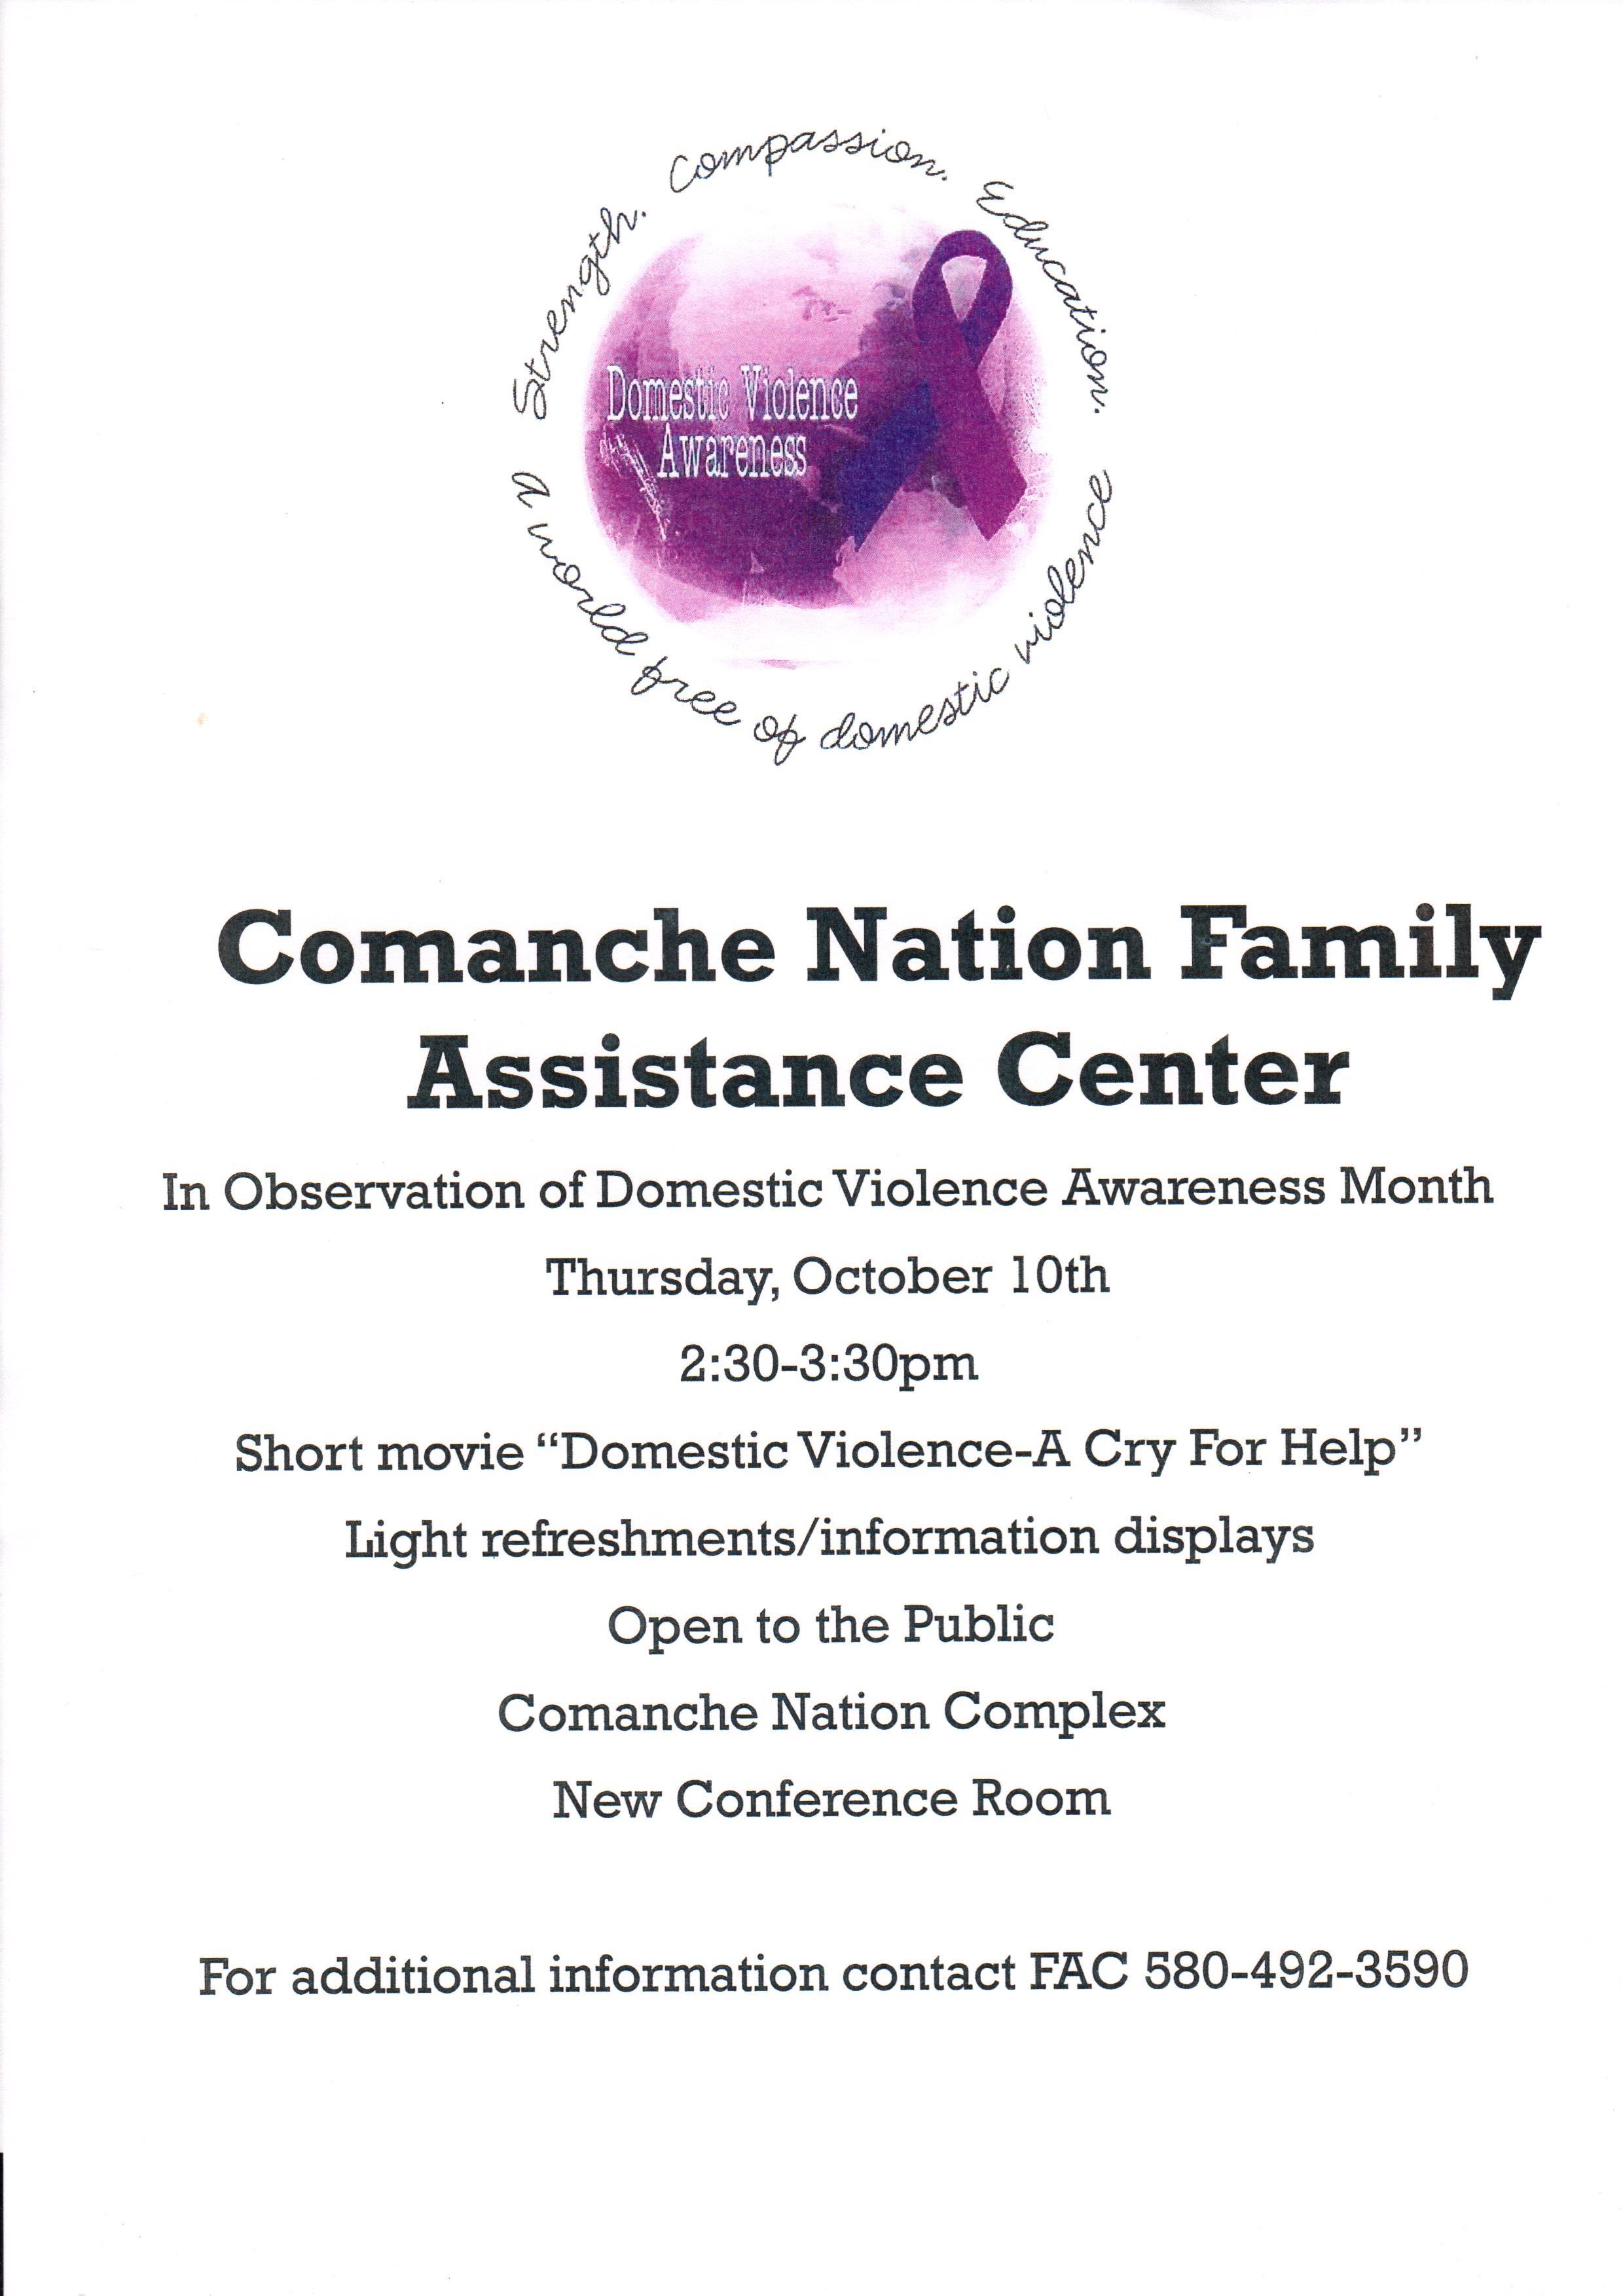 Comanche Nation DVAM 2019.jpg